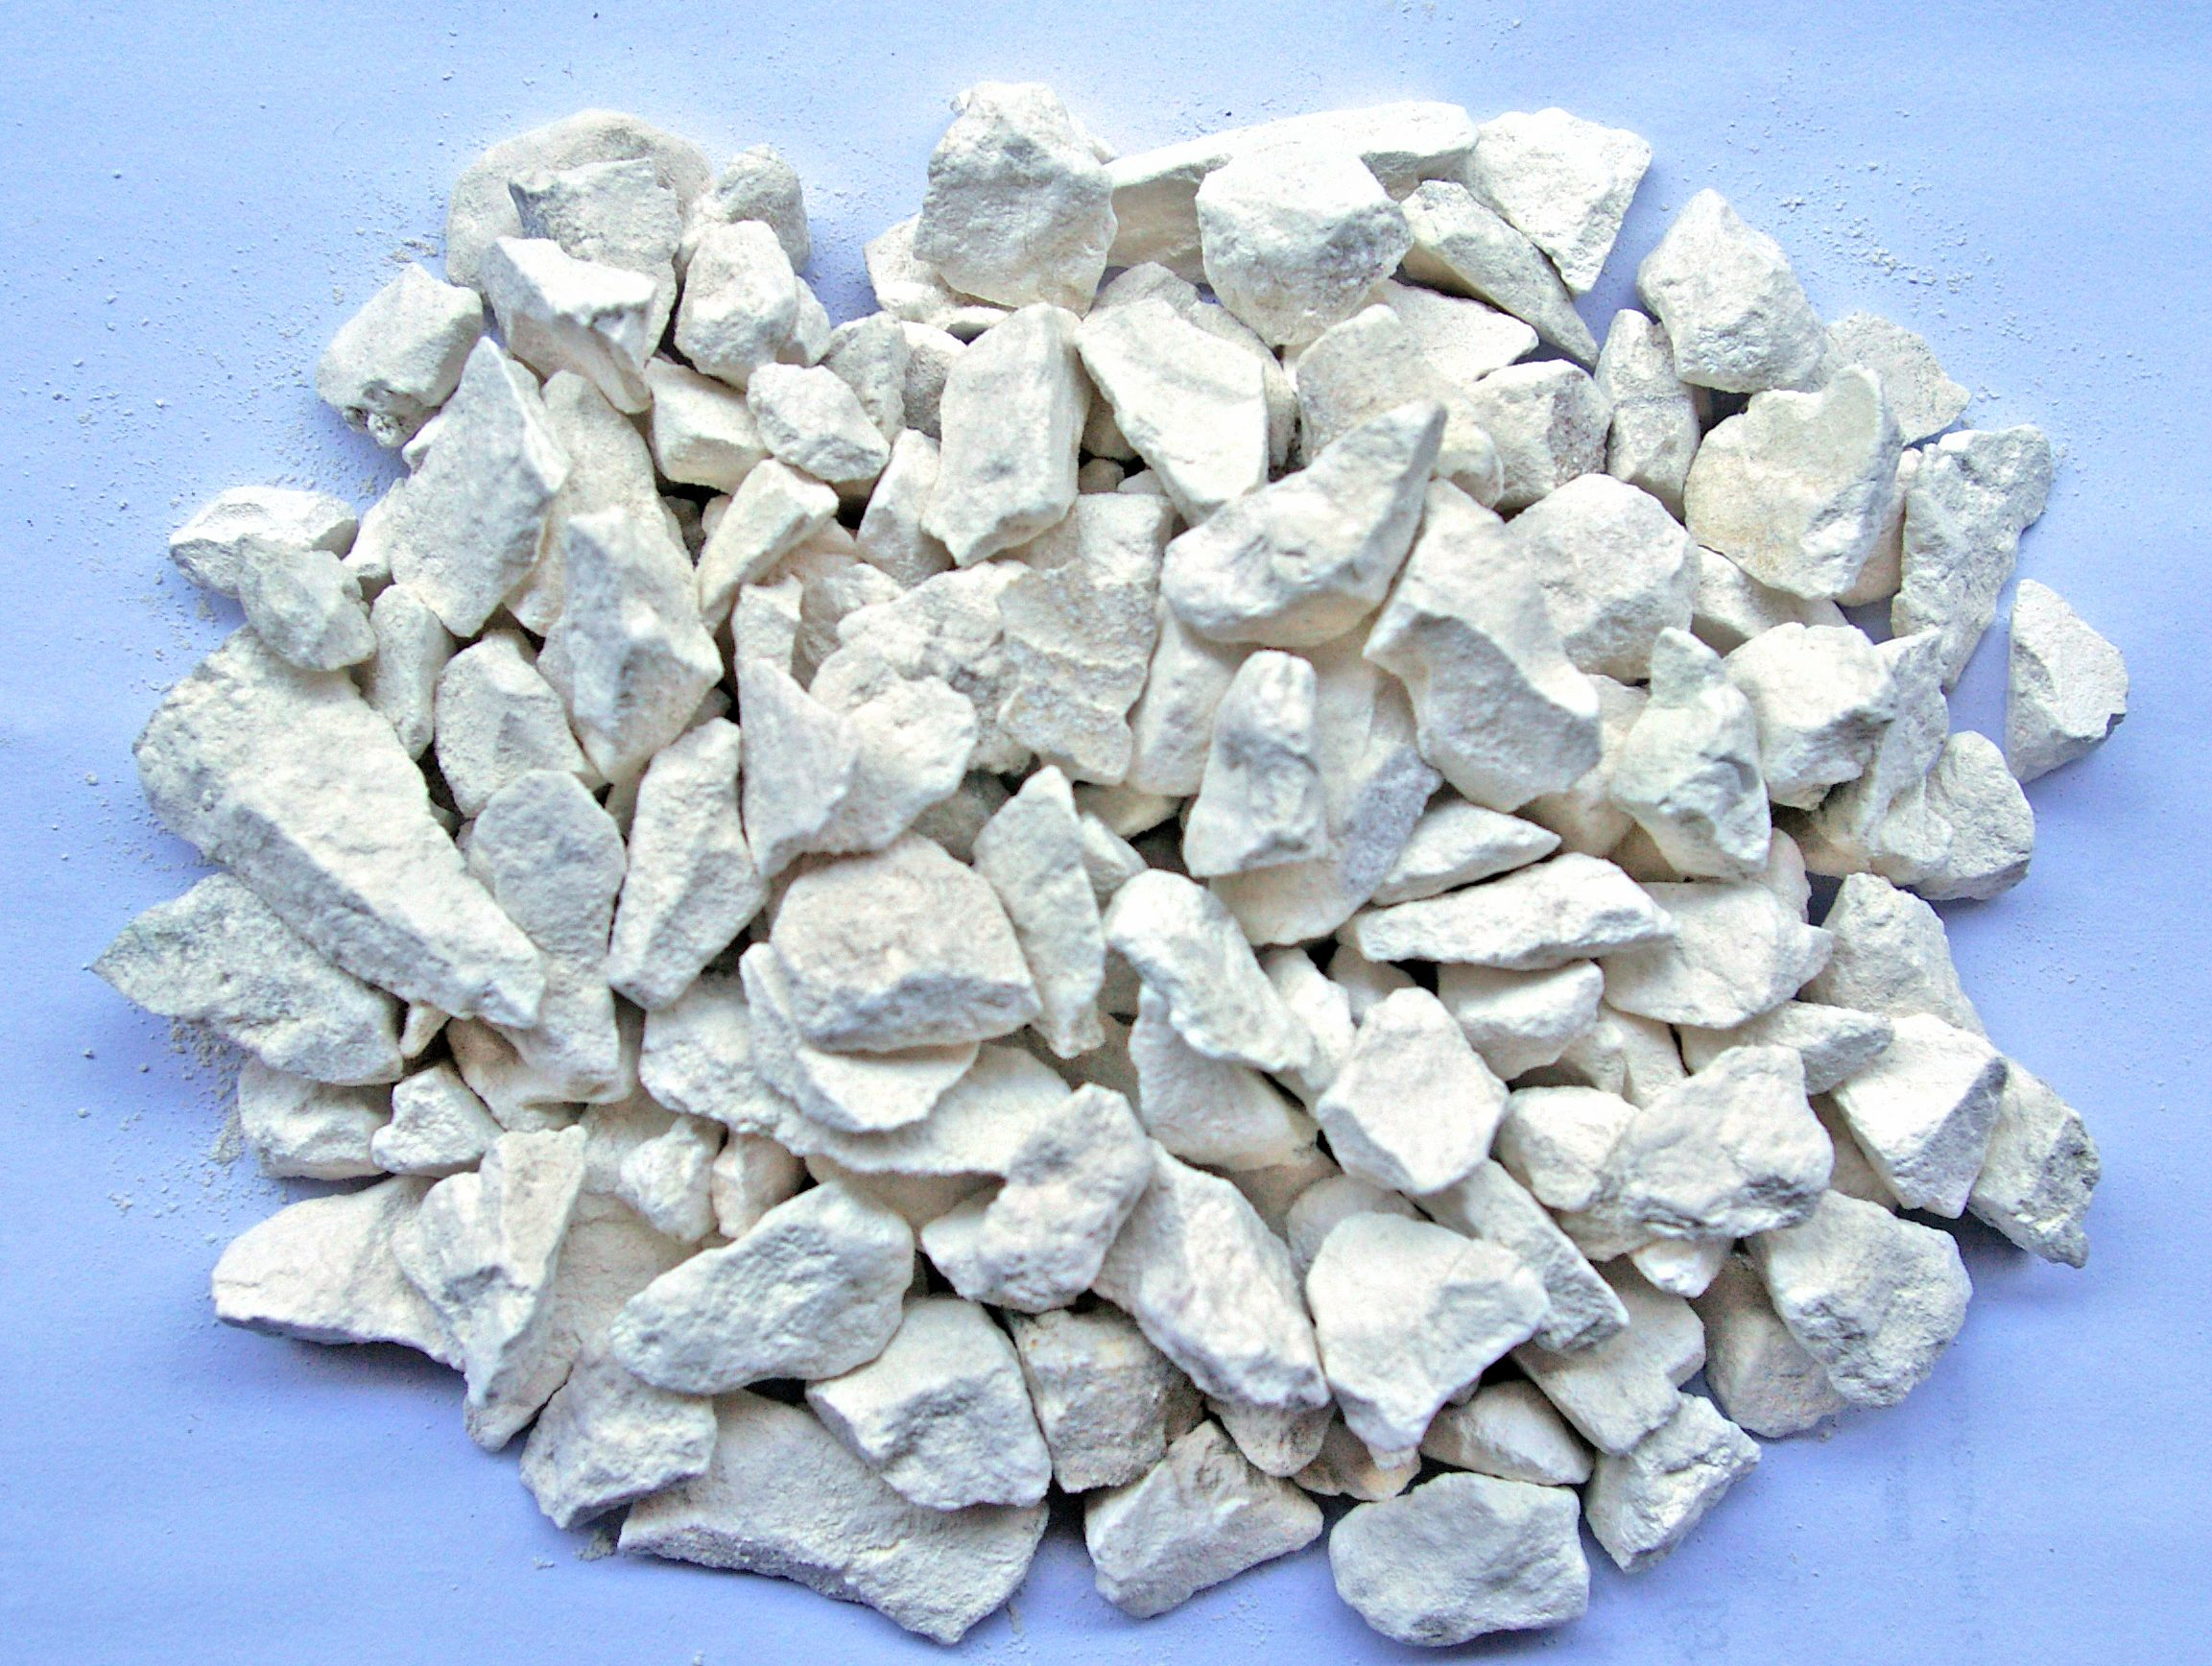 生石灰起干燥作用_石灰石成分,石灰石的化学式,石灰水的作用,石灰乳对人体的危害 ...